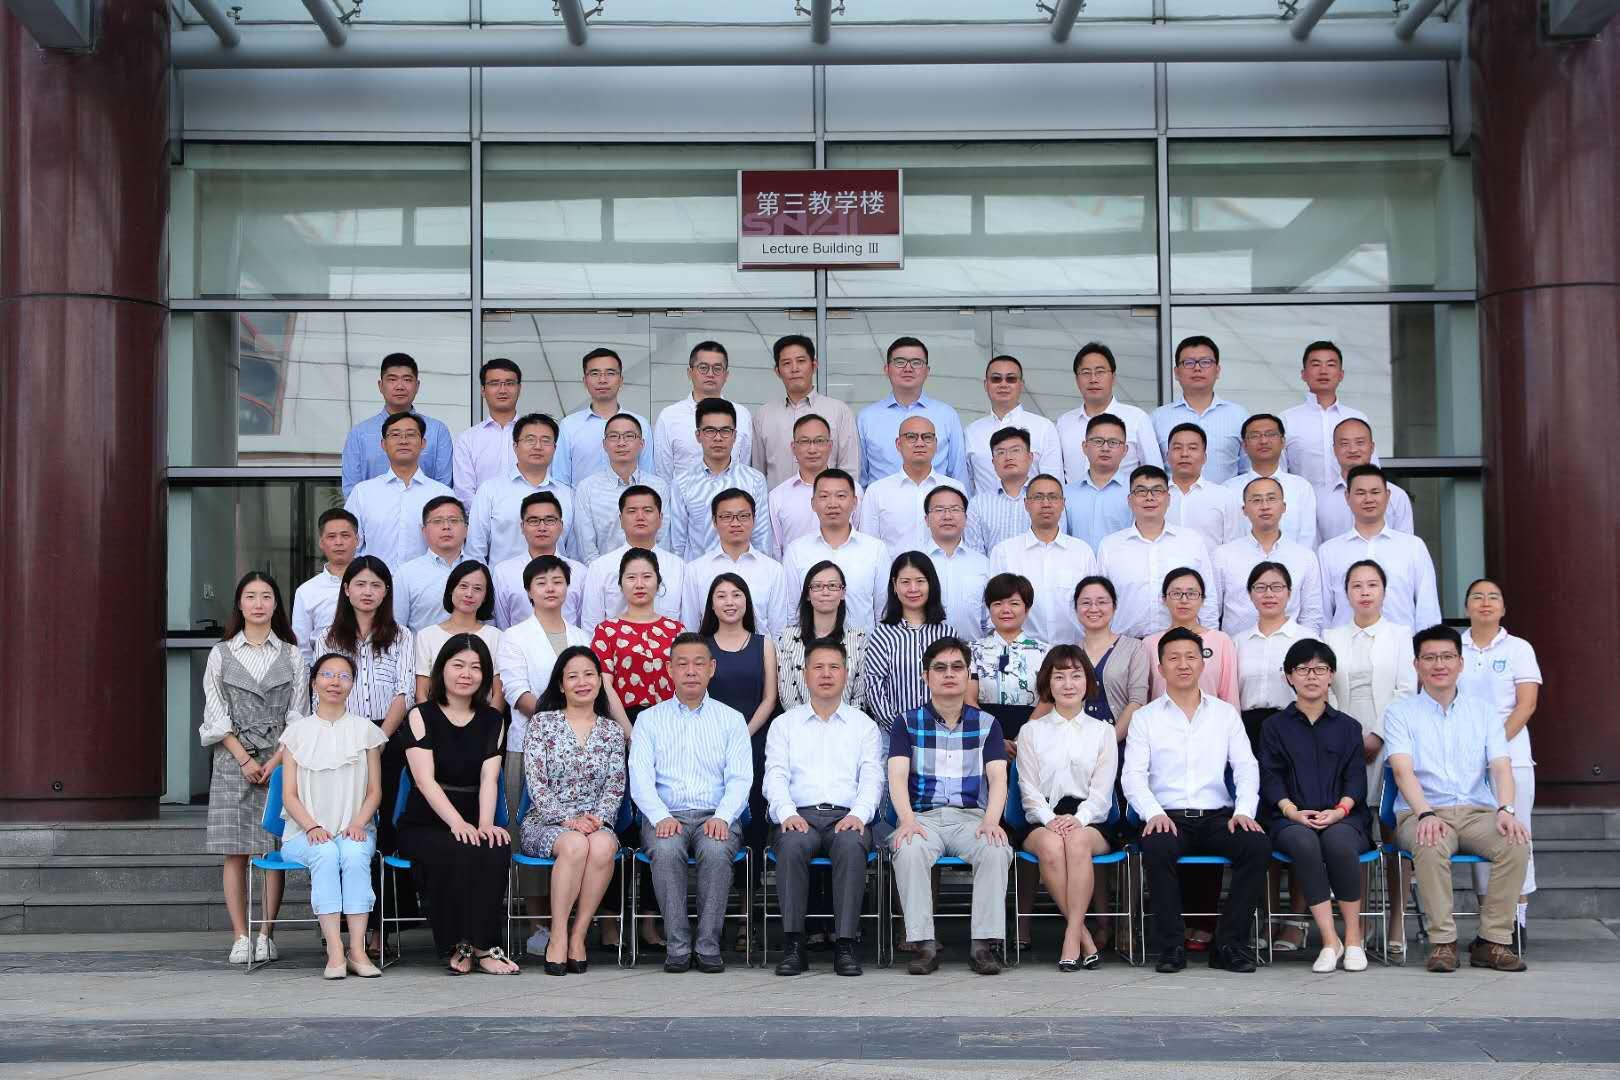 我所所智军成功入选江苏省第一期资产评估行业领军人才